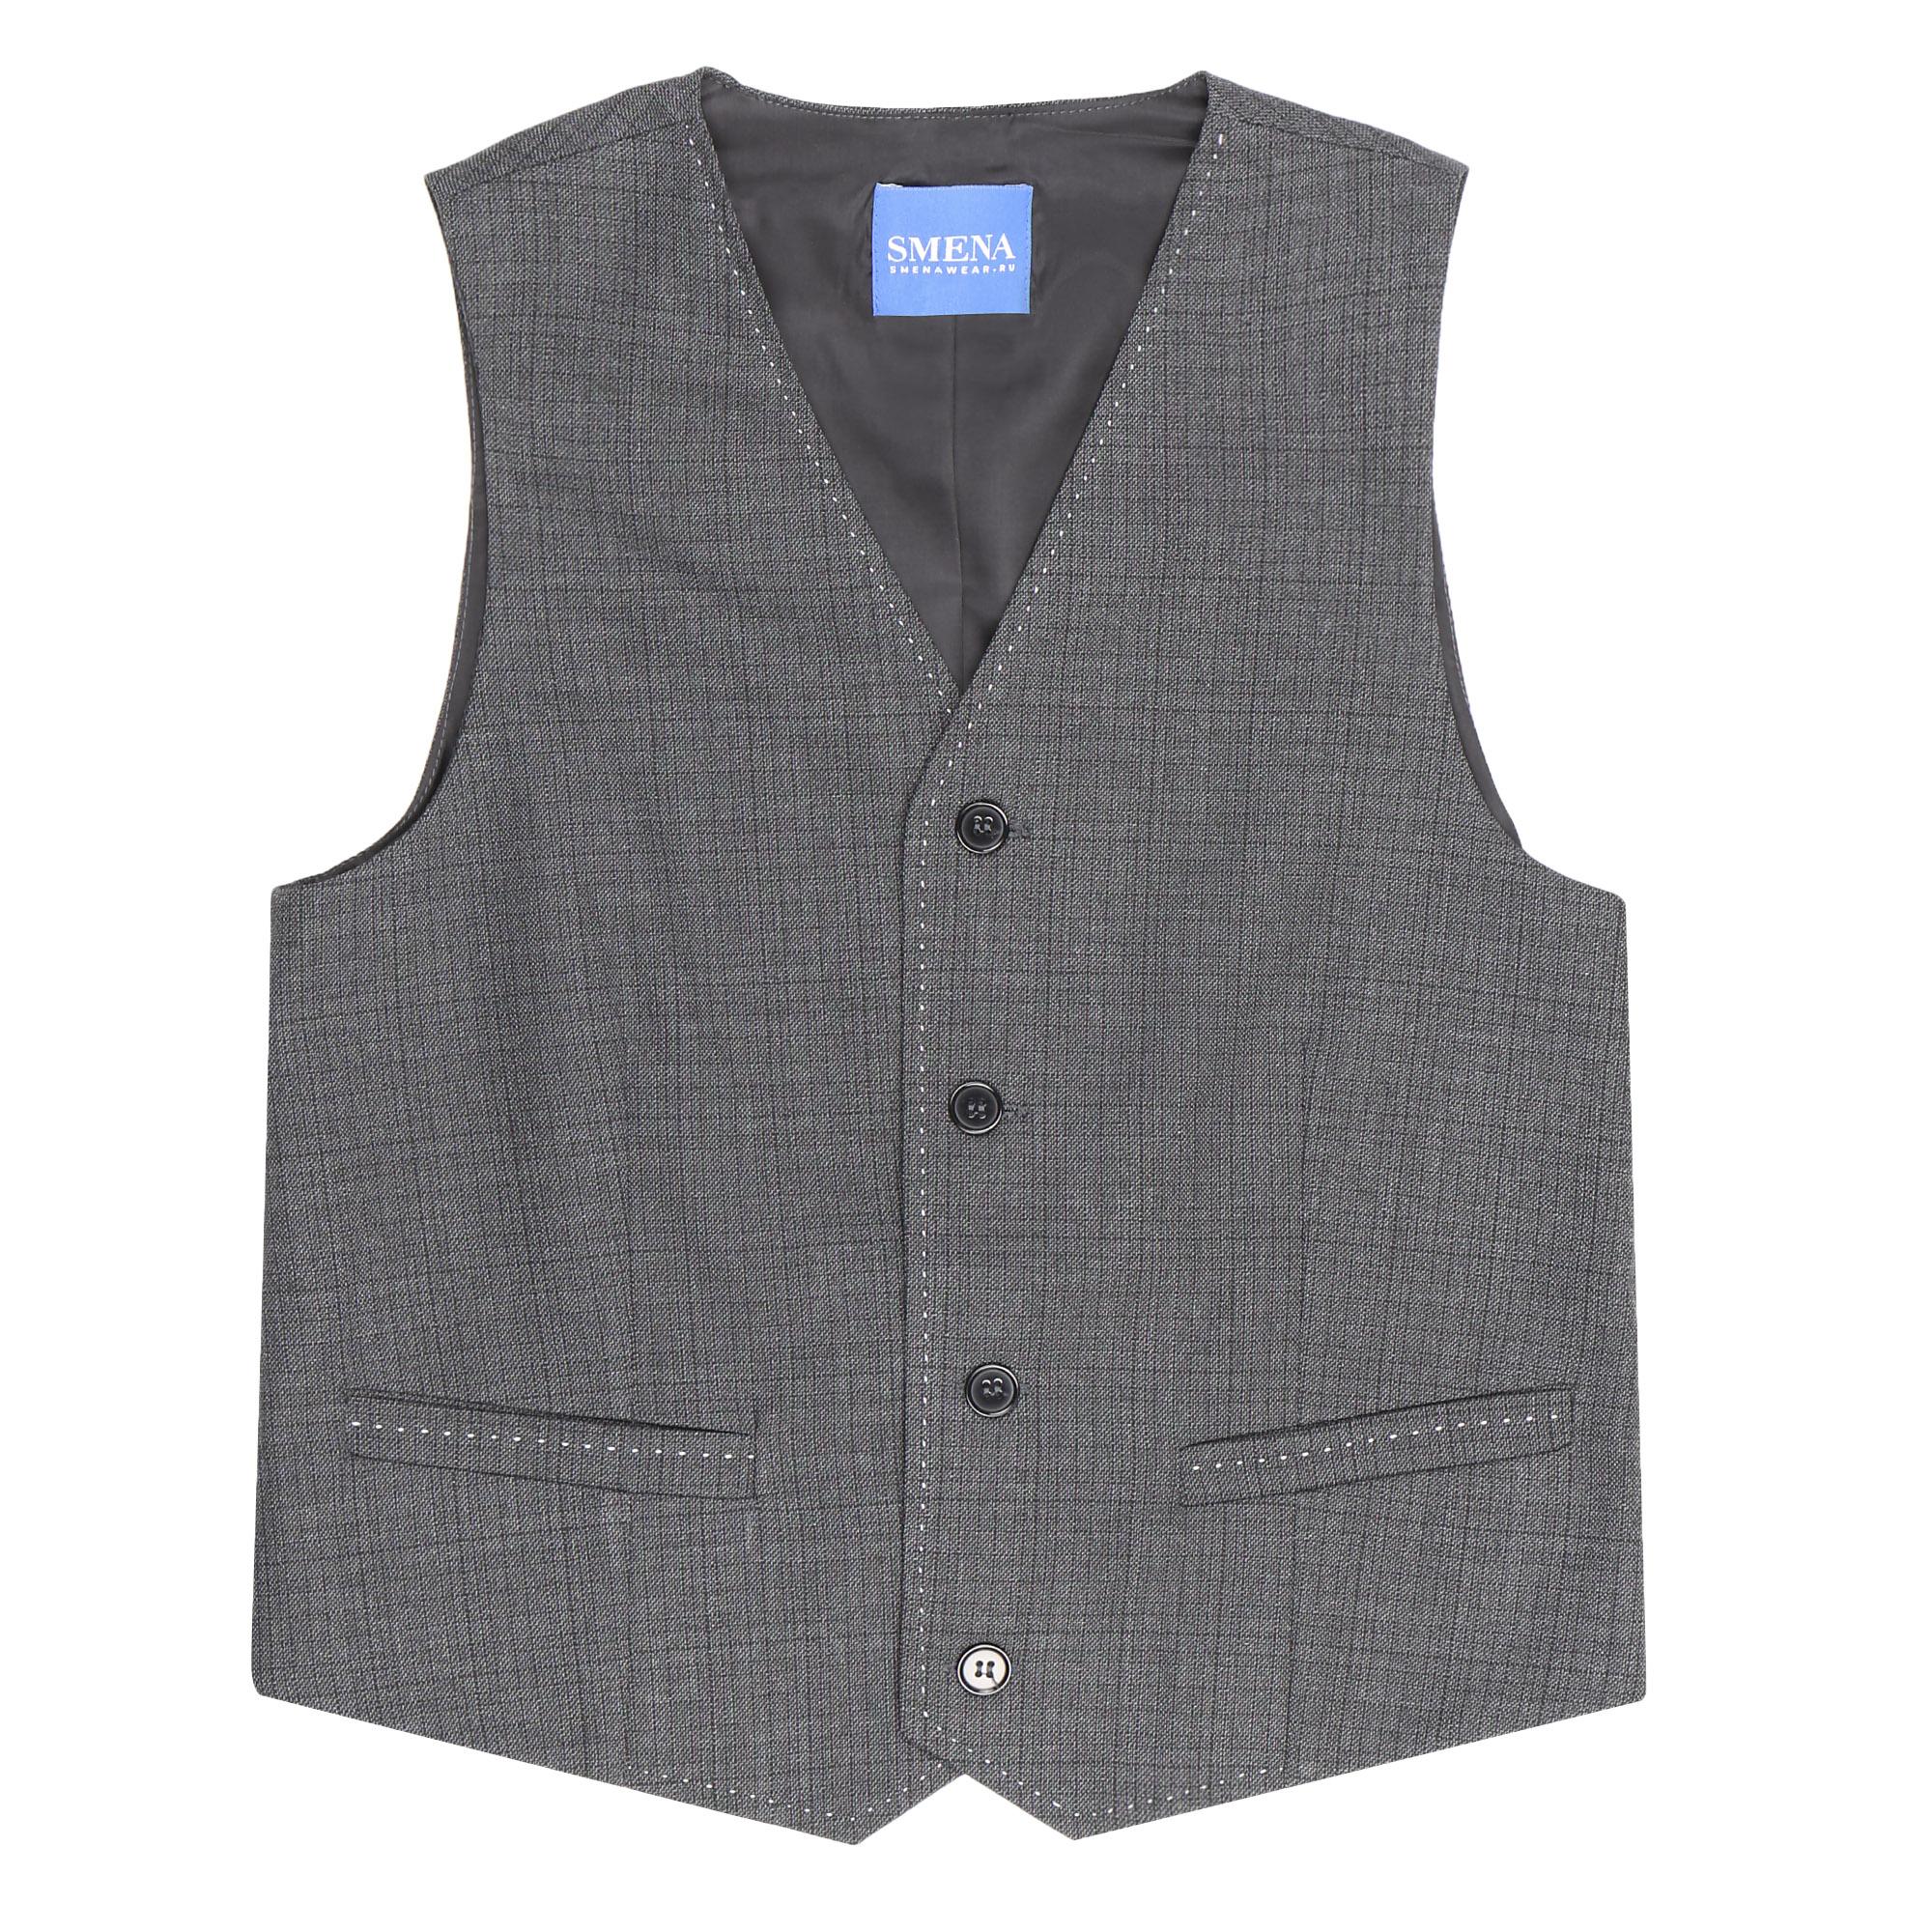 Фото - Жакет школьный для мальчиков Смена серый 158/80 платье смена размер 158 80 черный